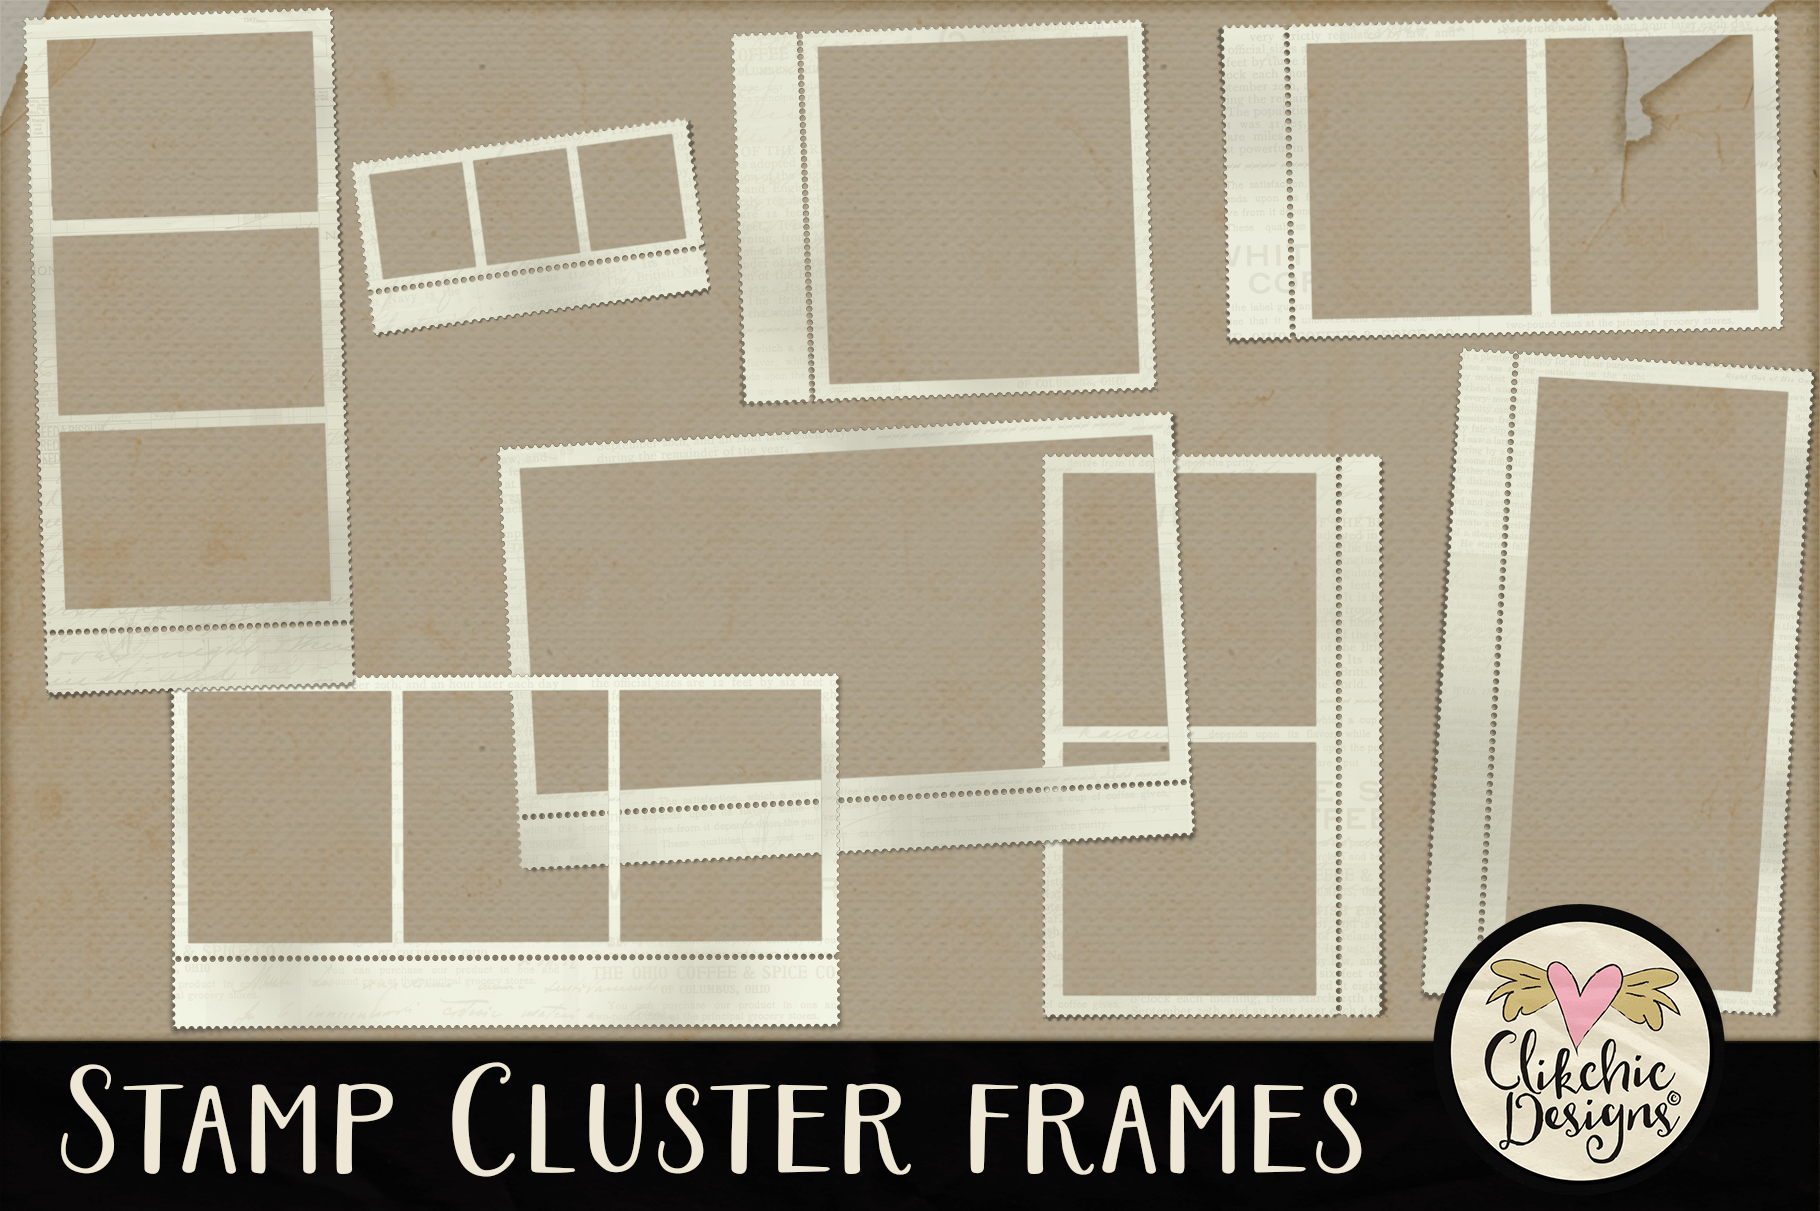 Stamp Frames - Stamp Cluster Frames Clipart example image 1